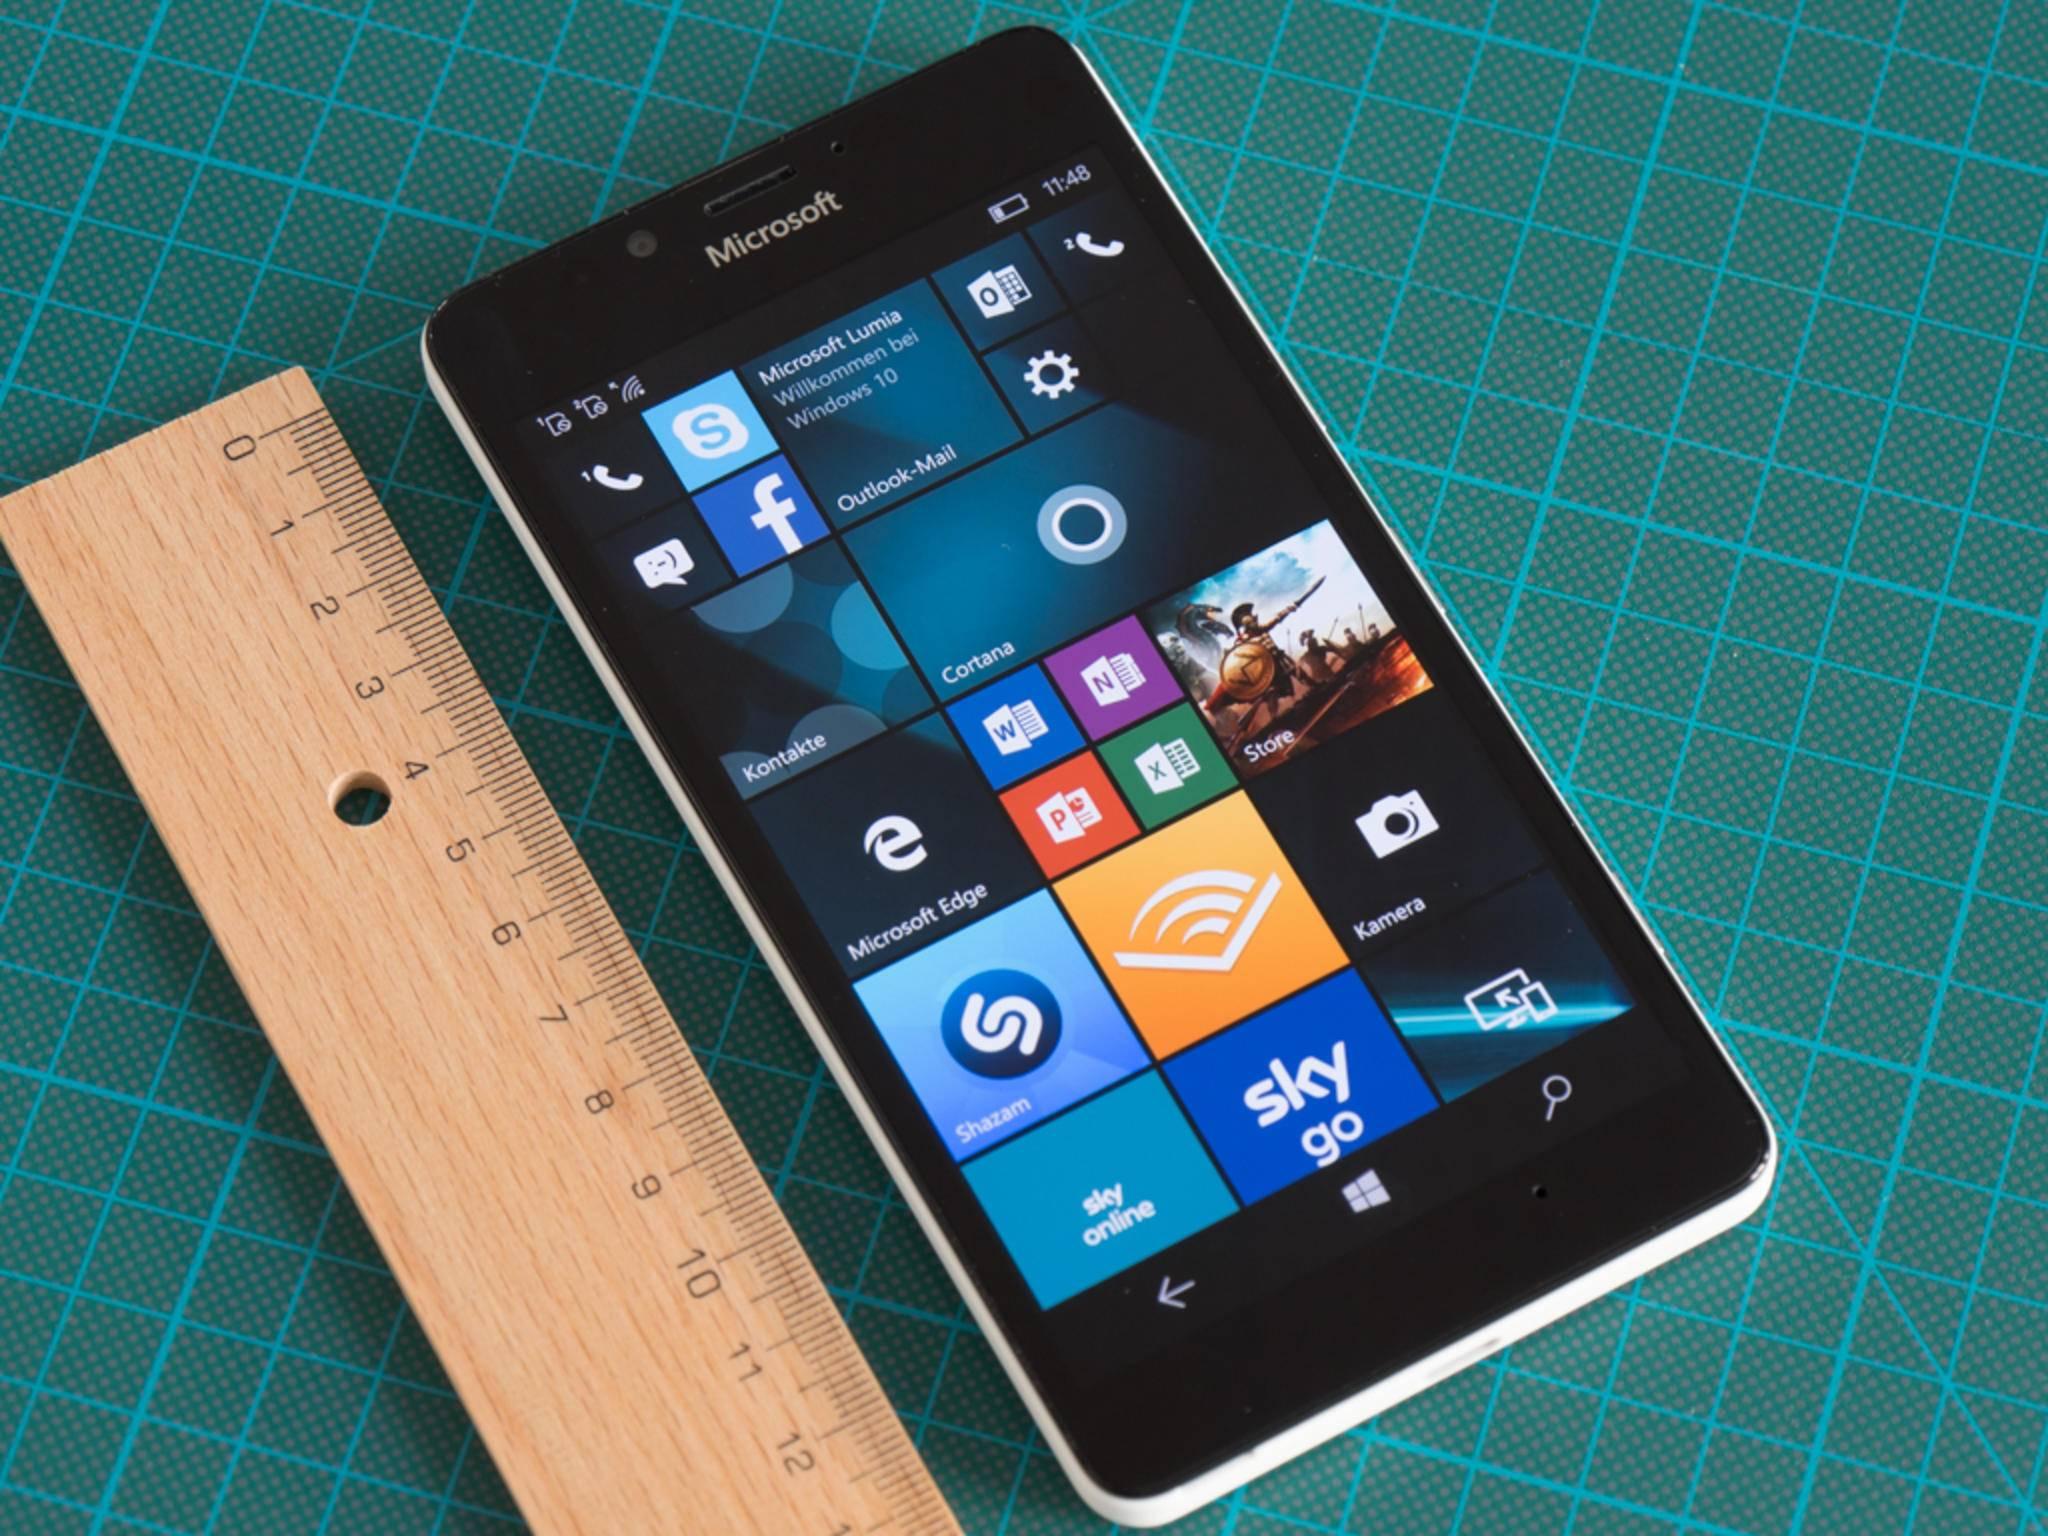 Das Windows 10-Flaggschiff Lumia 950 zeigte sich im Test sehr stark.